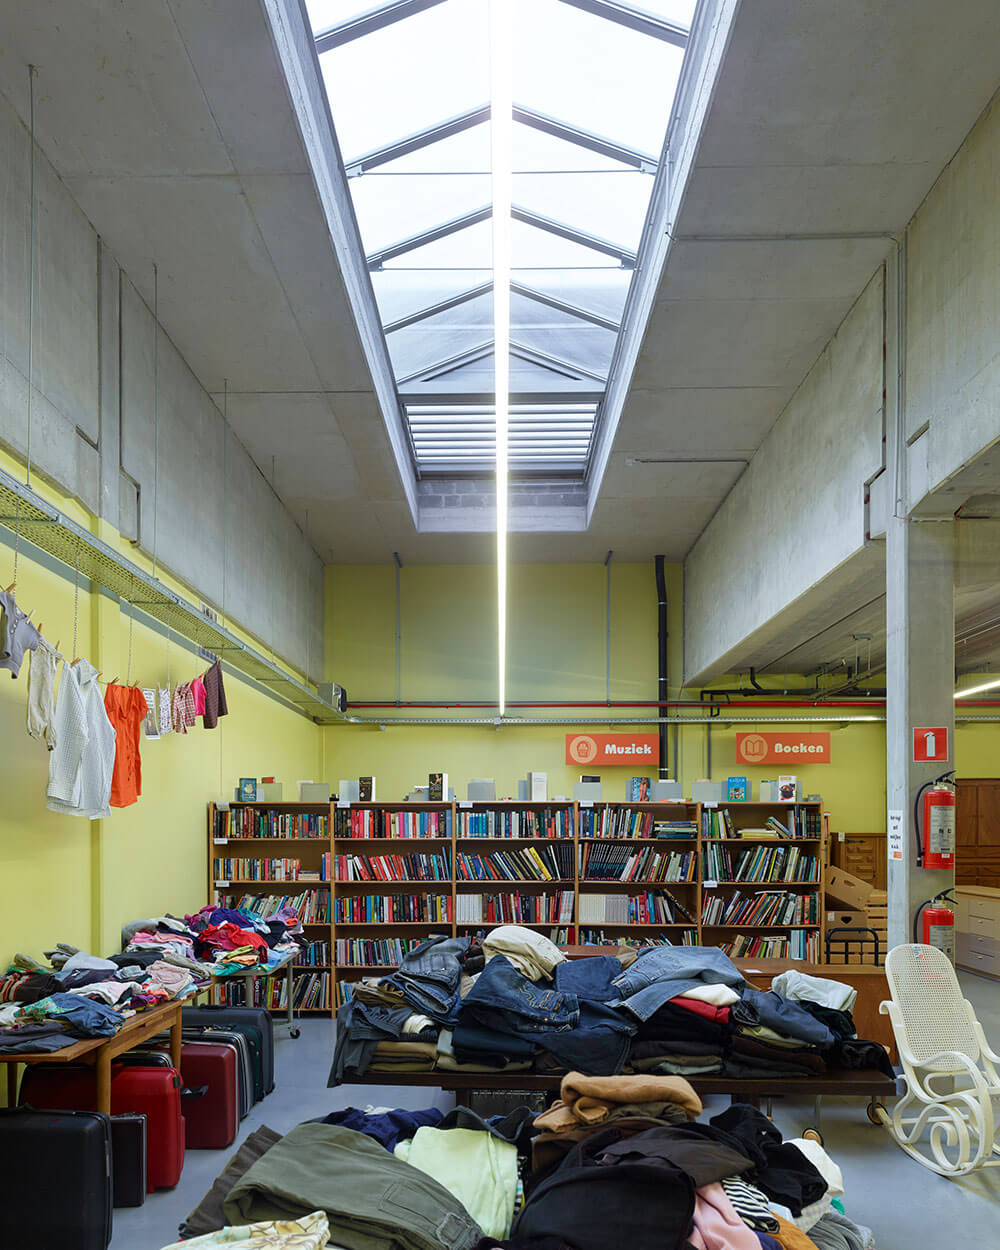 Interieur van de winkelruimte, lichtstraten zorgen voor een gespreide natuurlijke lichtinval